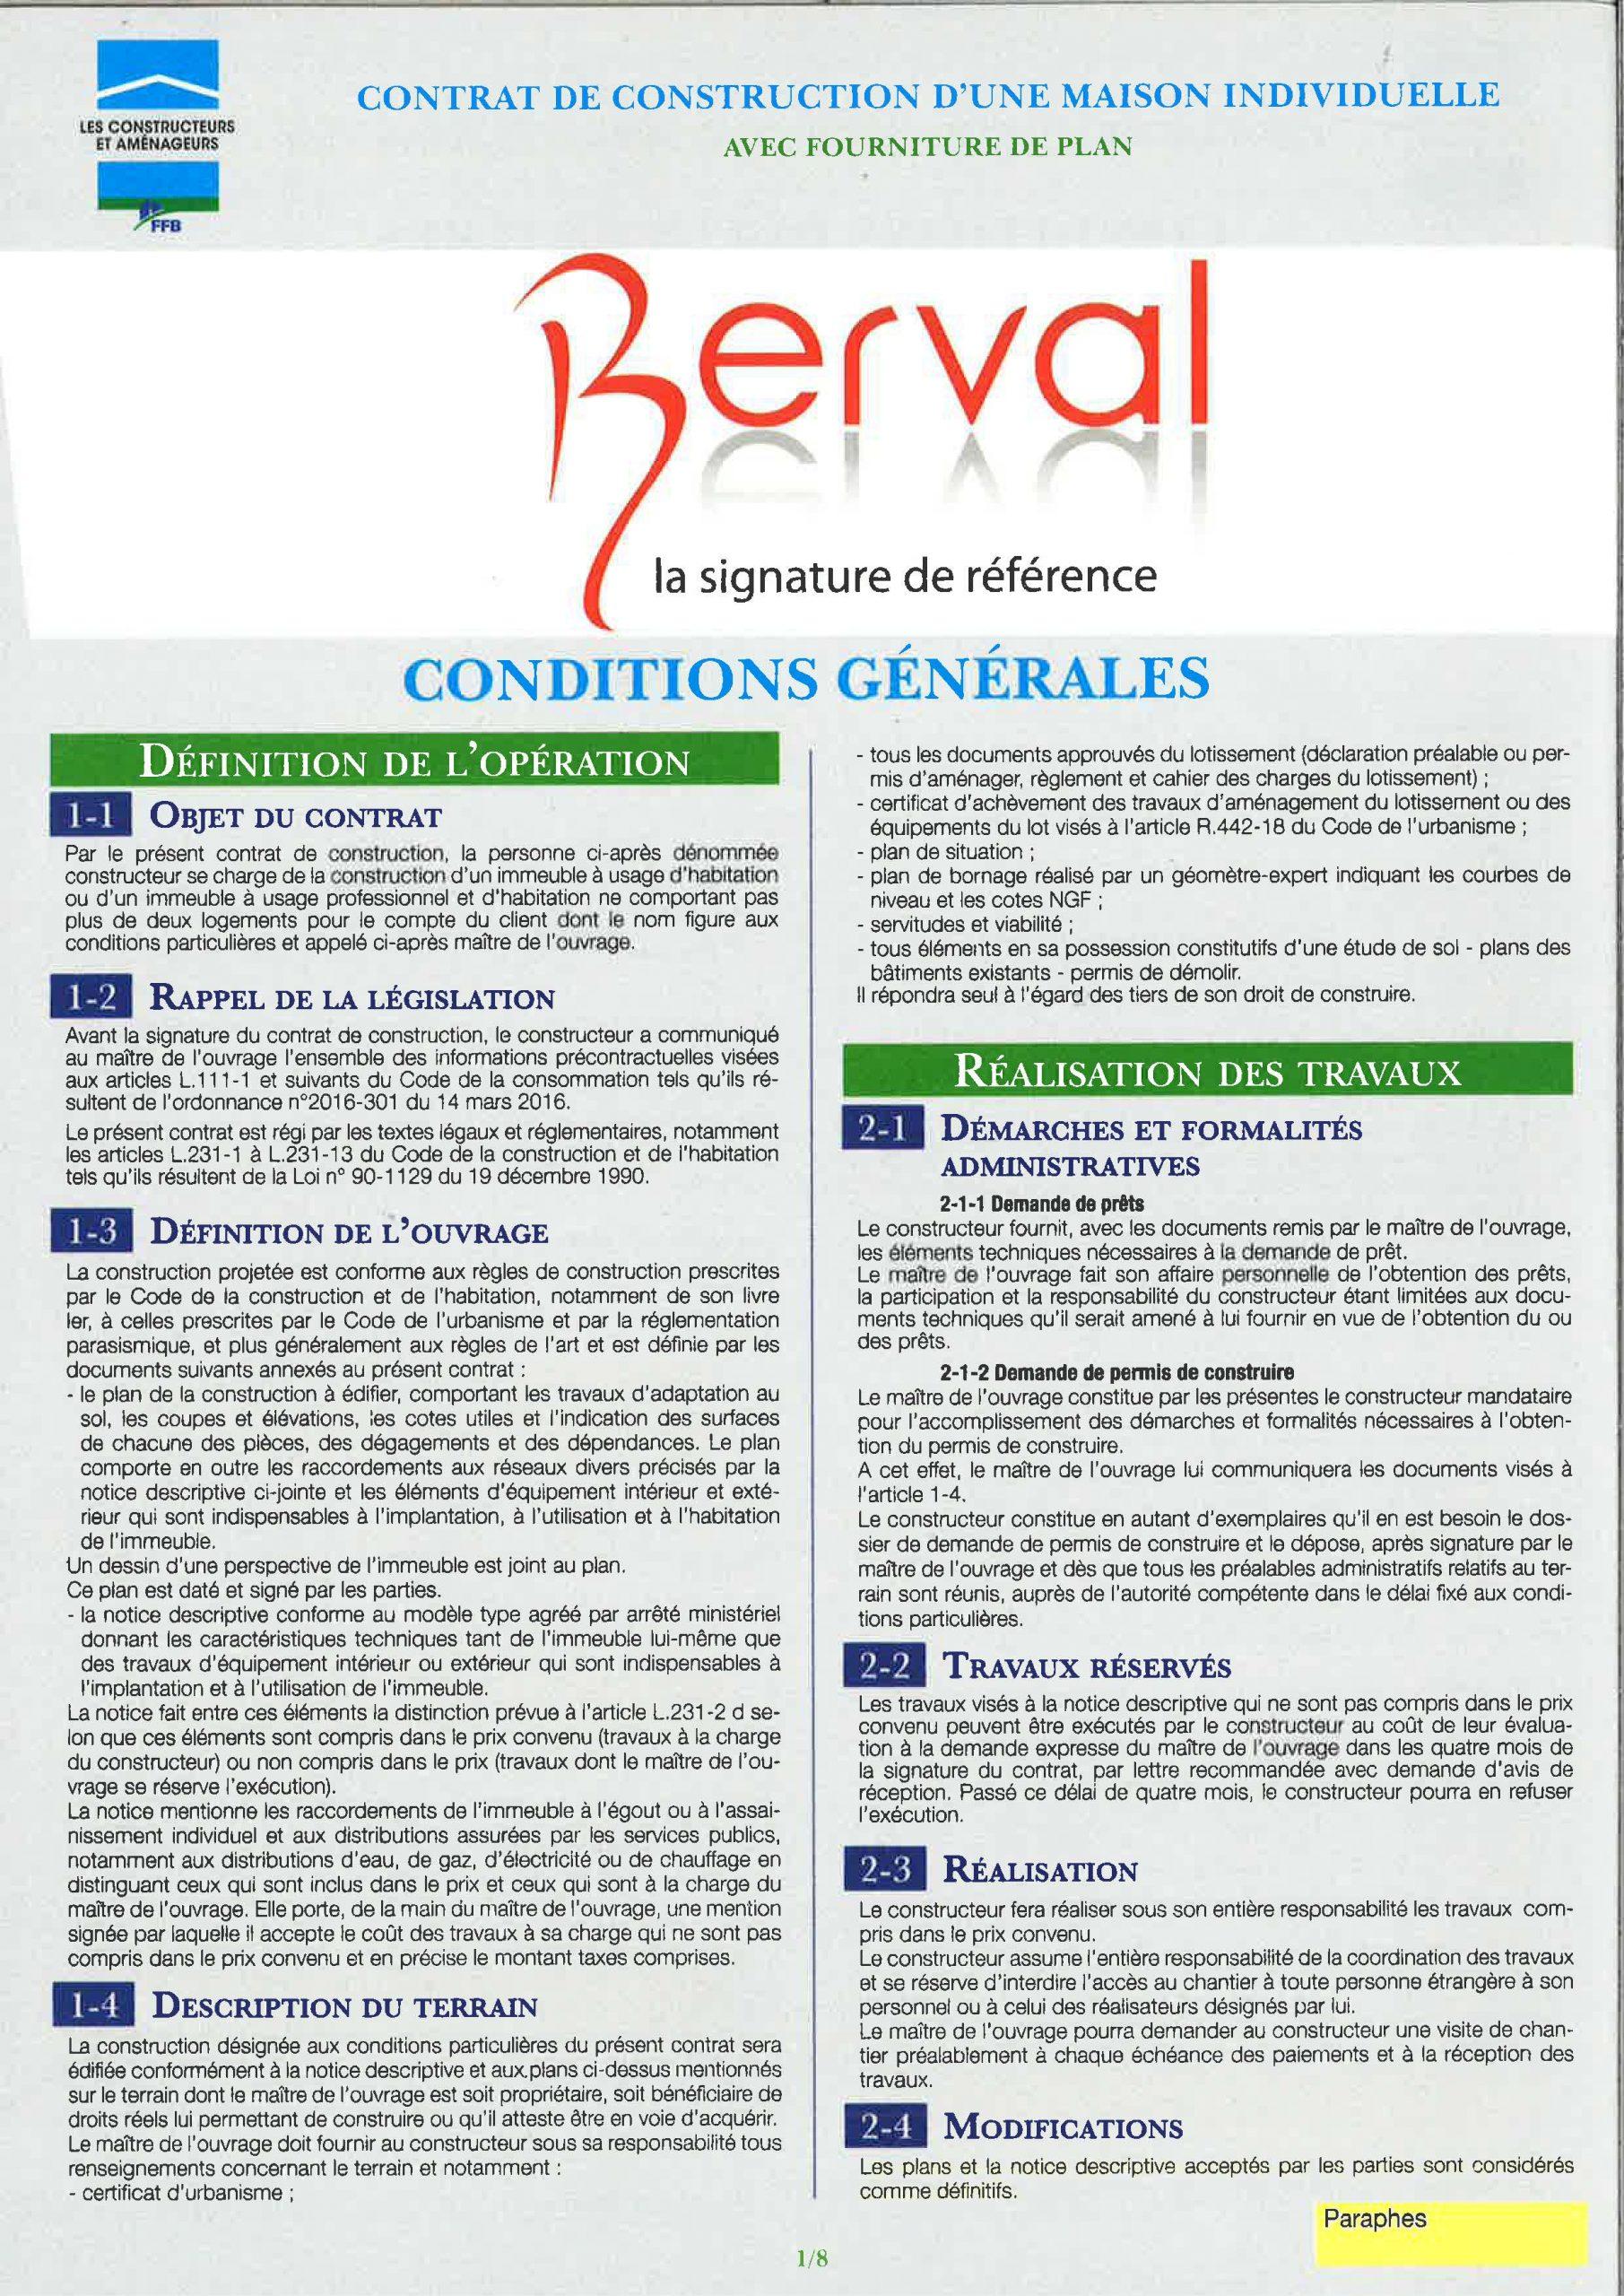 Maison Des Travaux Avis contrat de construction de maison individuelle (ccmi